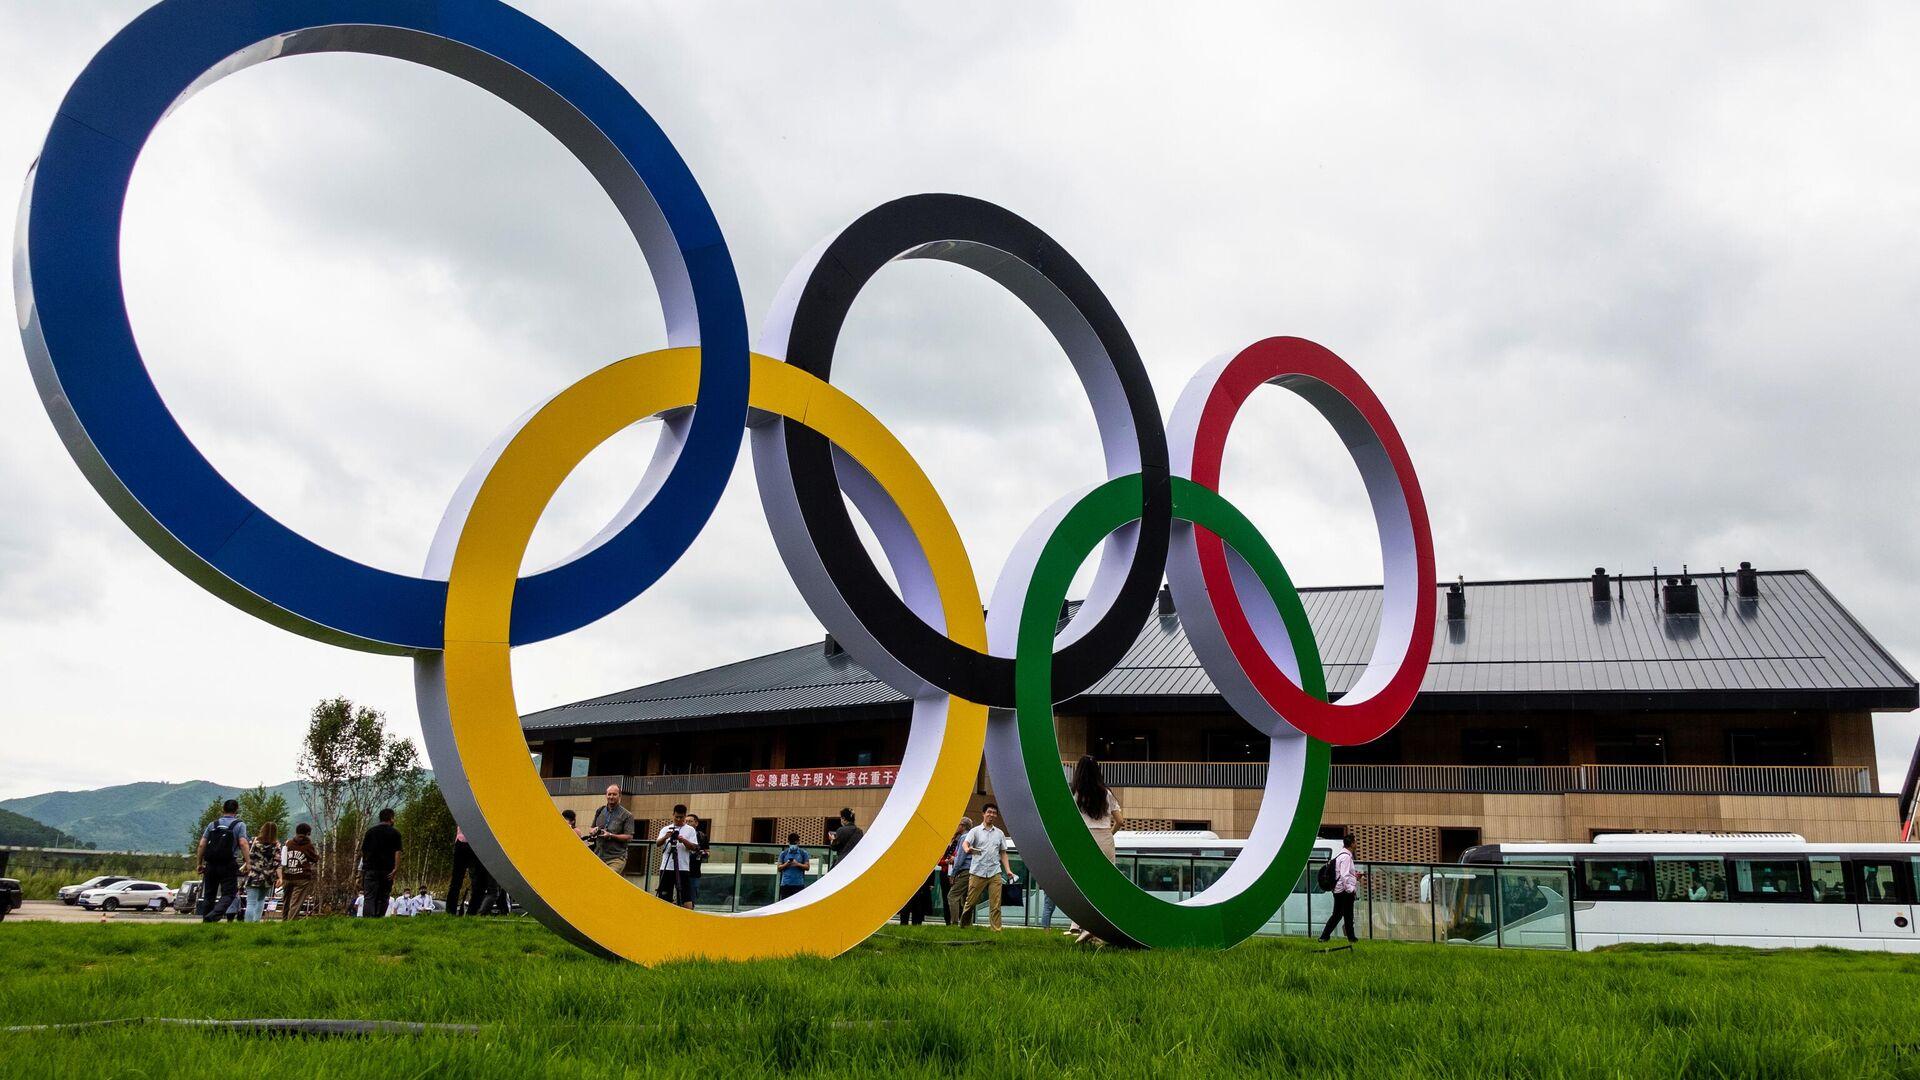 Олимпийские кольца в олимпийской деревне в Чжанцзякоу для атлетов, которые будут участвовать в соревнованиях по лыжным гонкам, биатлону, сноуборду, прыжкам с трамплина. - РИА Новости, 1920, 17.09.2021